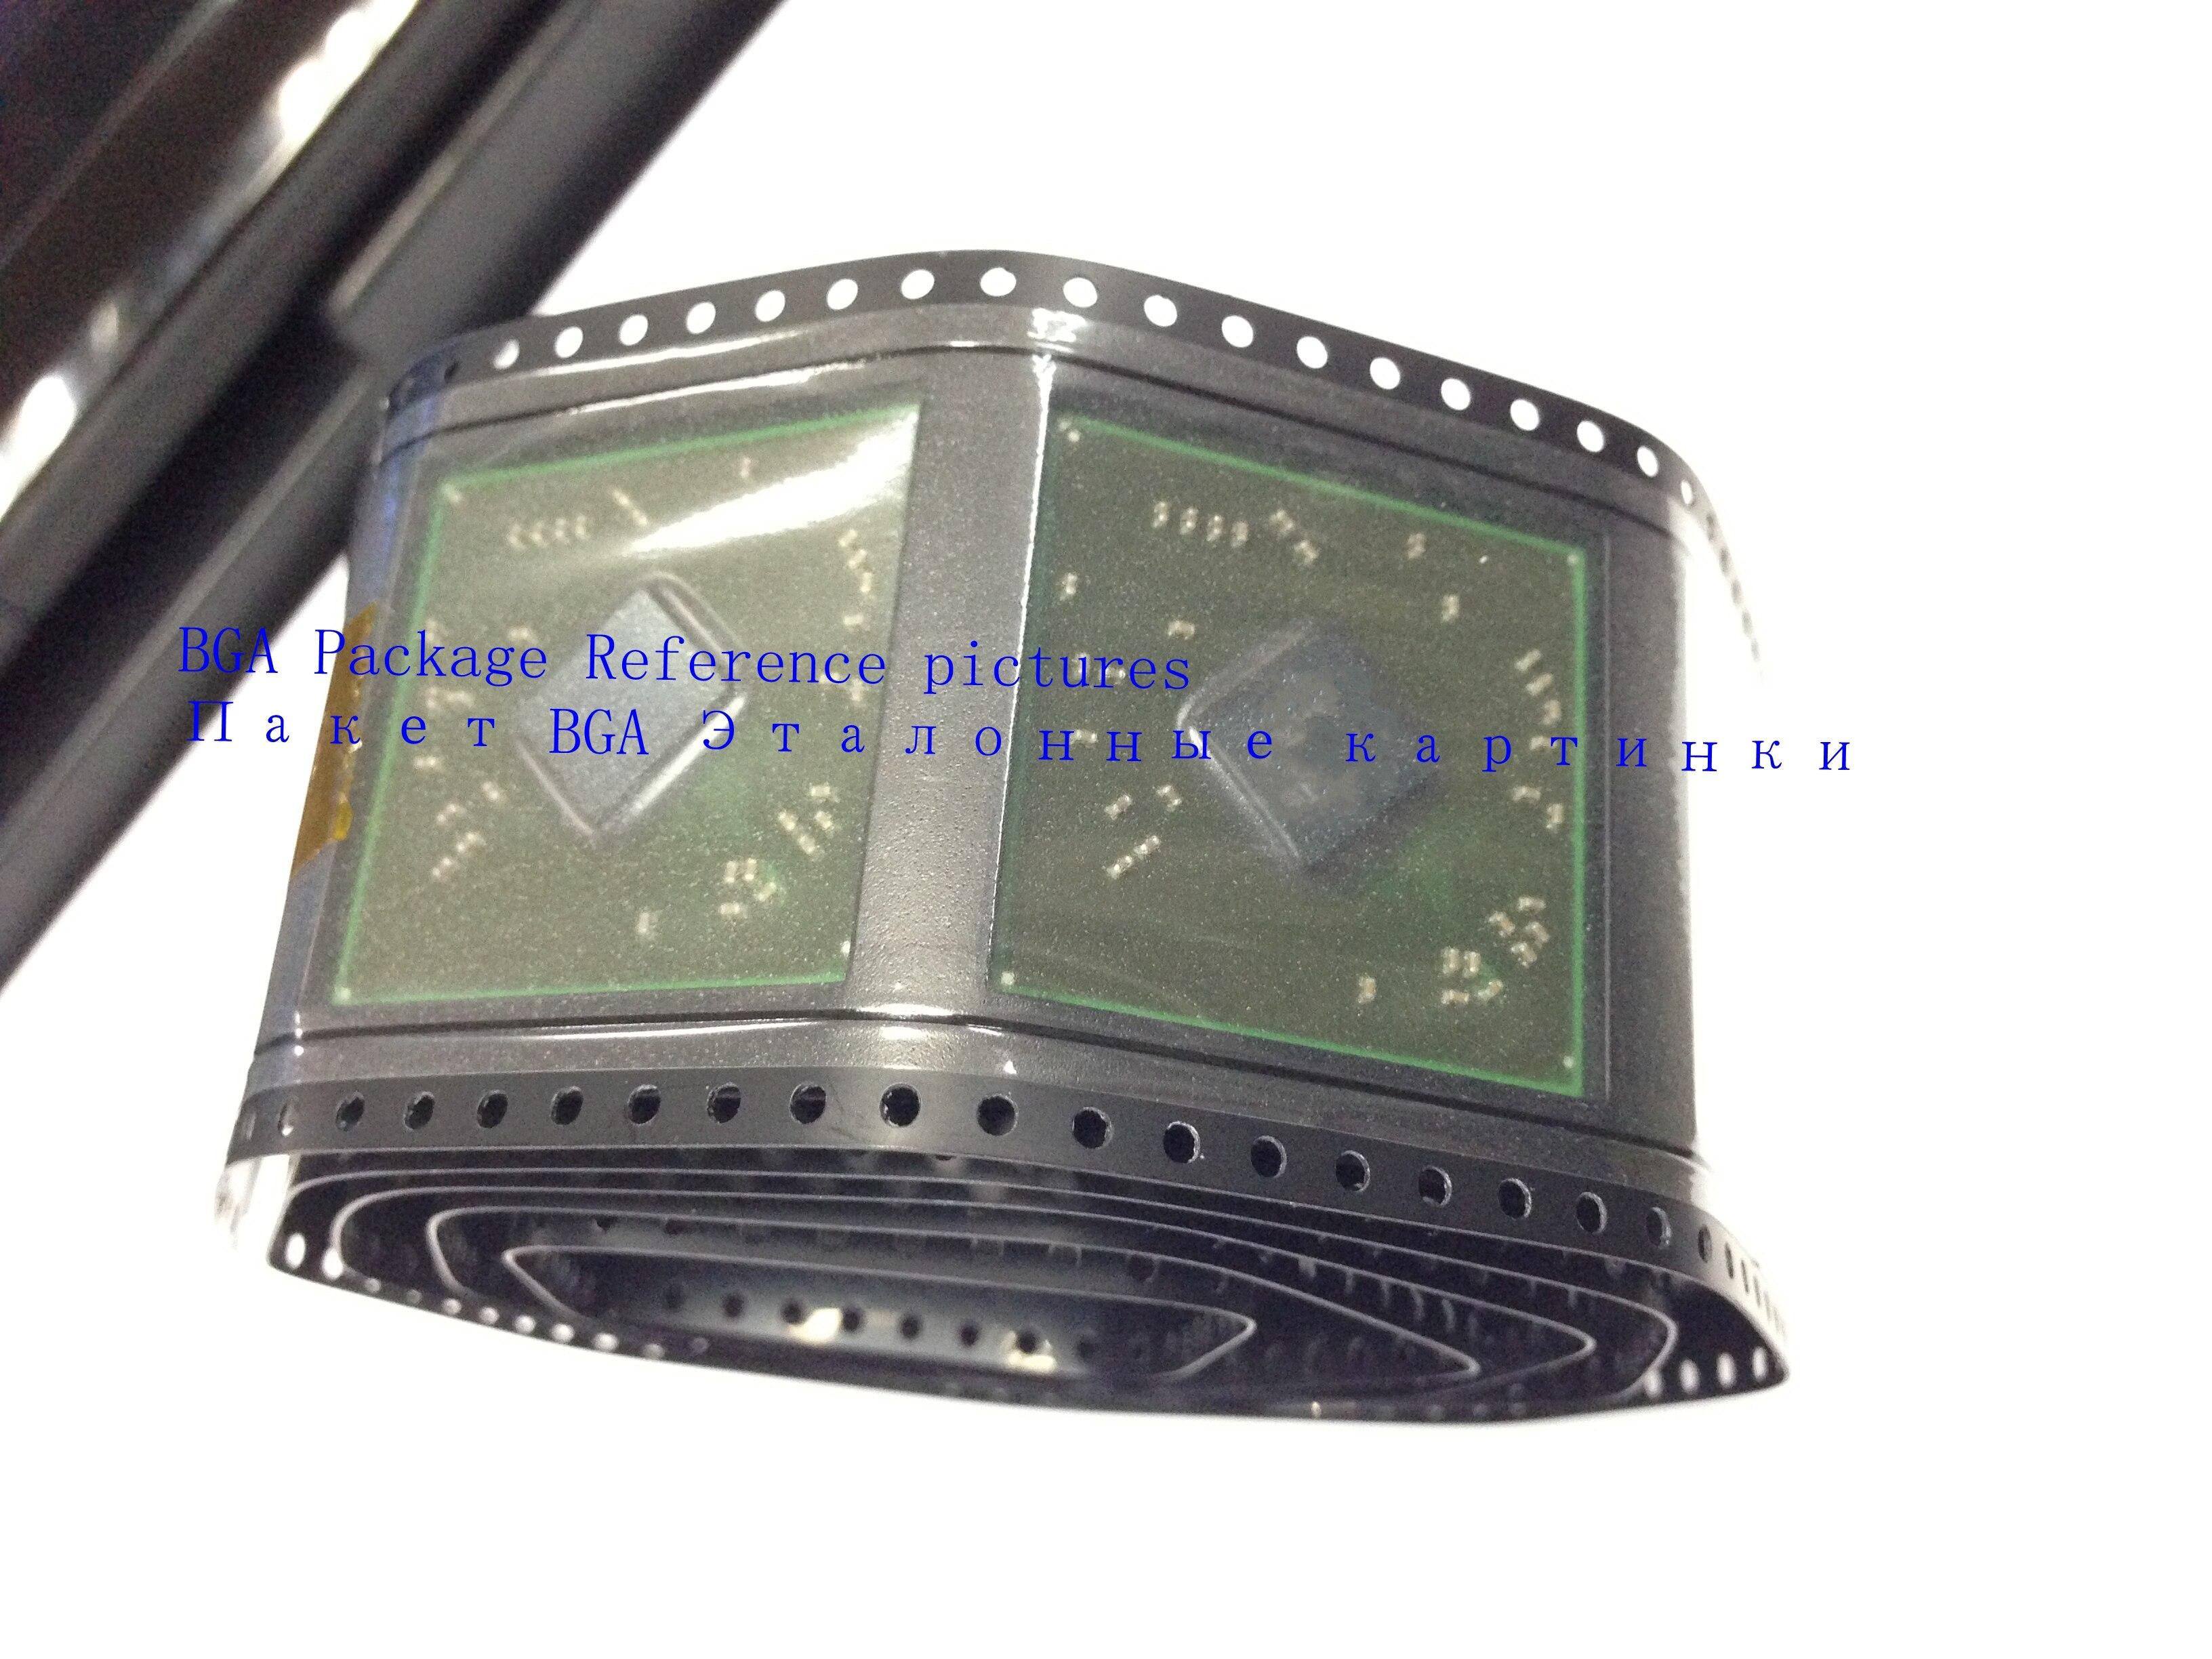 1pcs/lot 100% test very good product MCP67MV-A2 MCP67MV A2 bga chip reball with balls IC chips